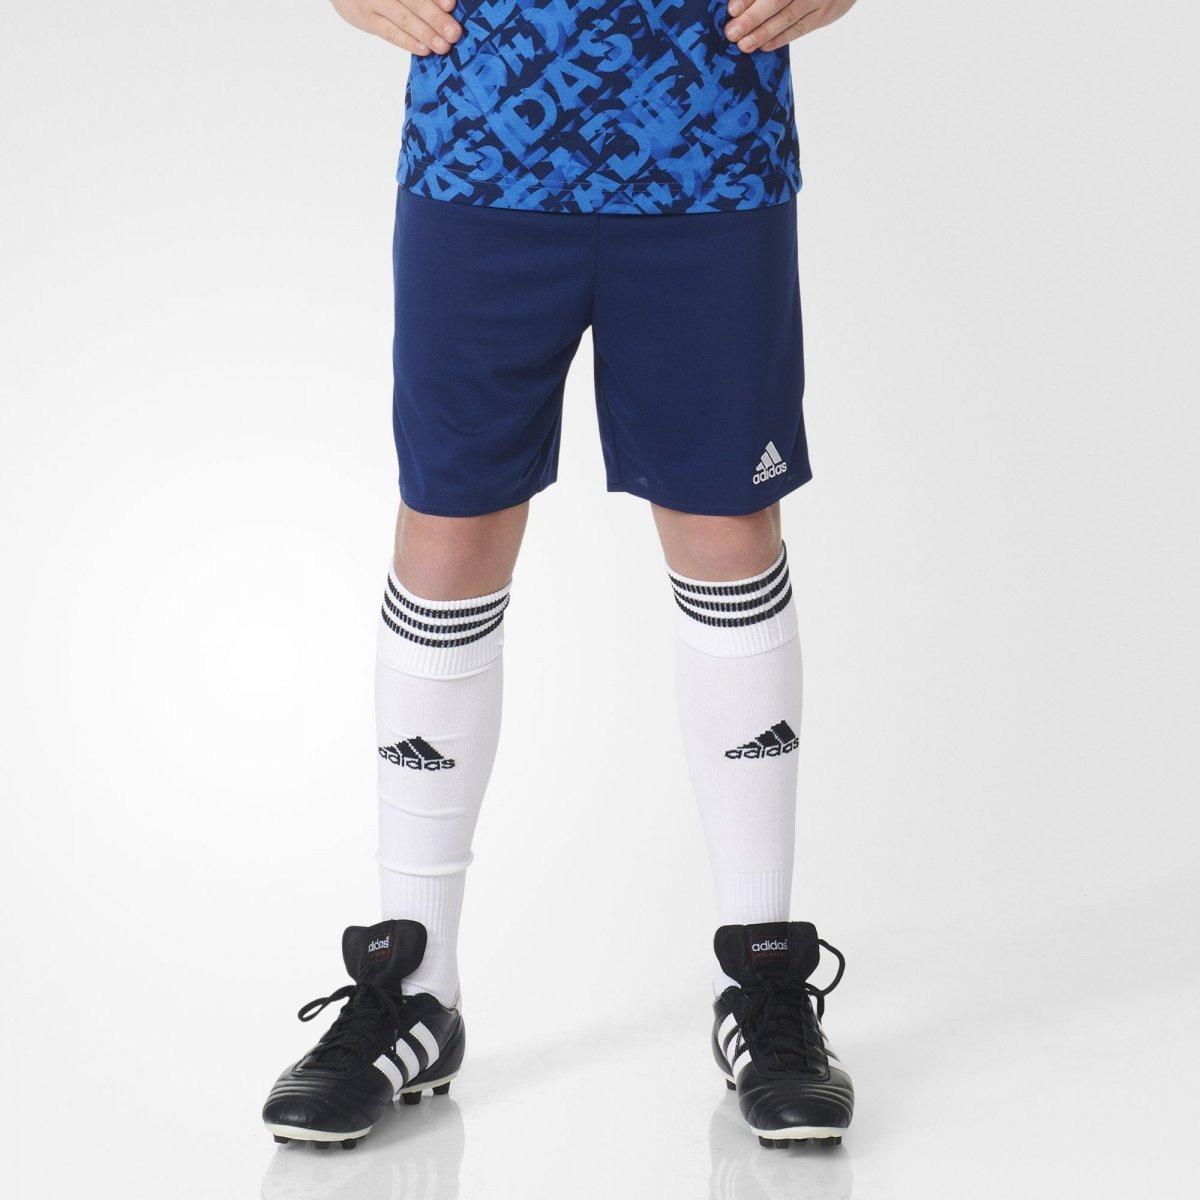 ab6d6548d4a49 shorts infantil menino adidas parma 16 futebol bh6896. Carregando zoom.